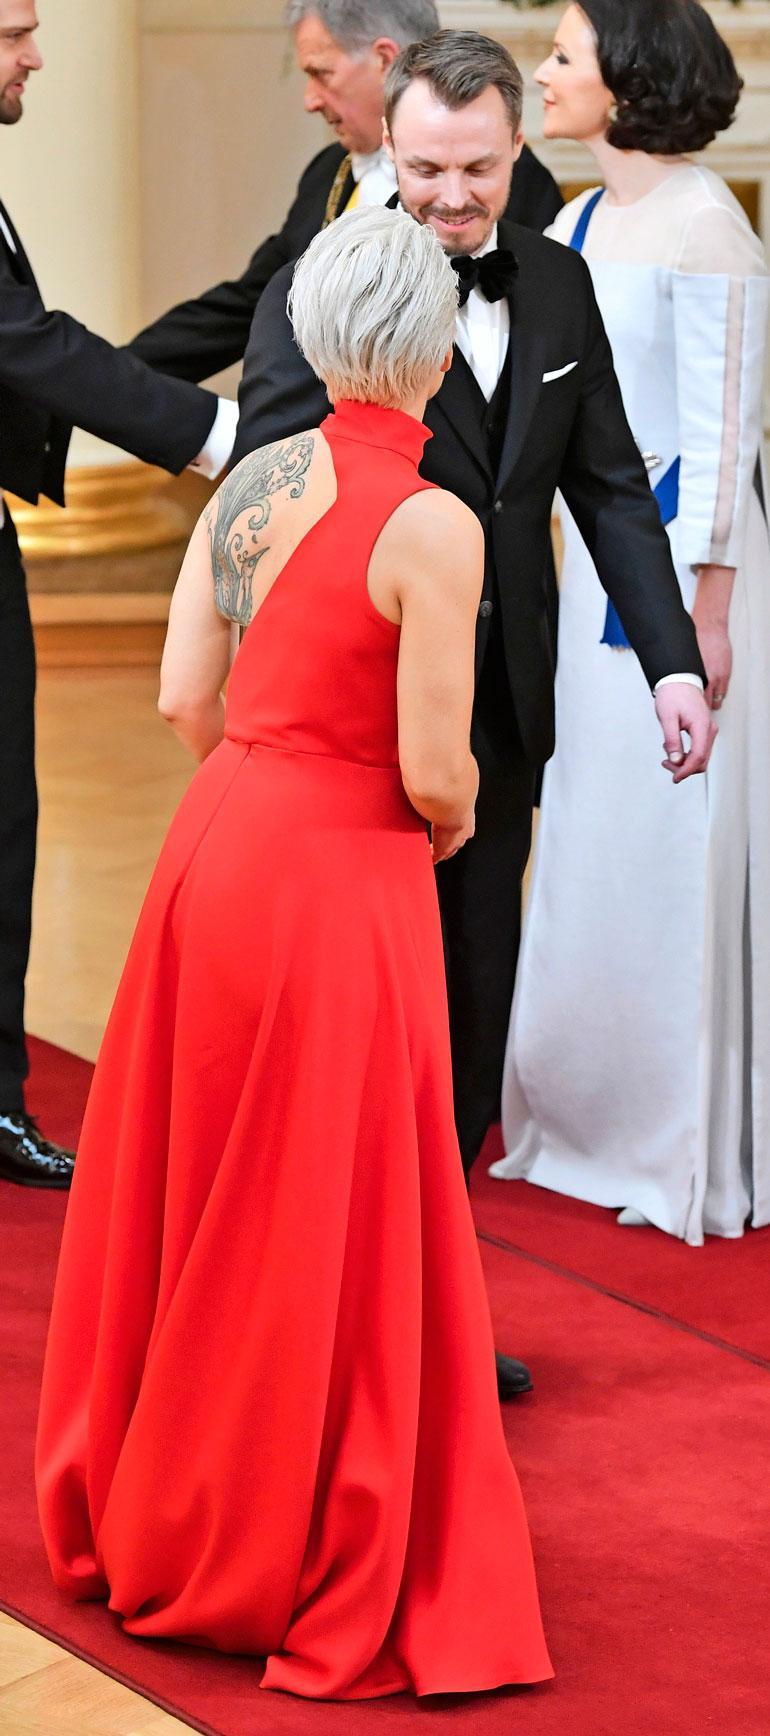 Iltapuvun selkä oli suunniteltu paljastamaan Annan näyttävä riikinkukkotatuointi.